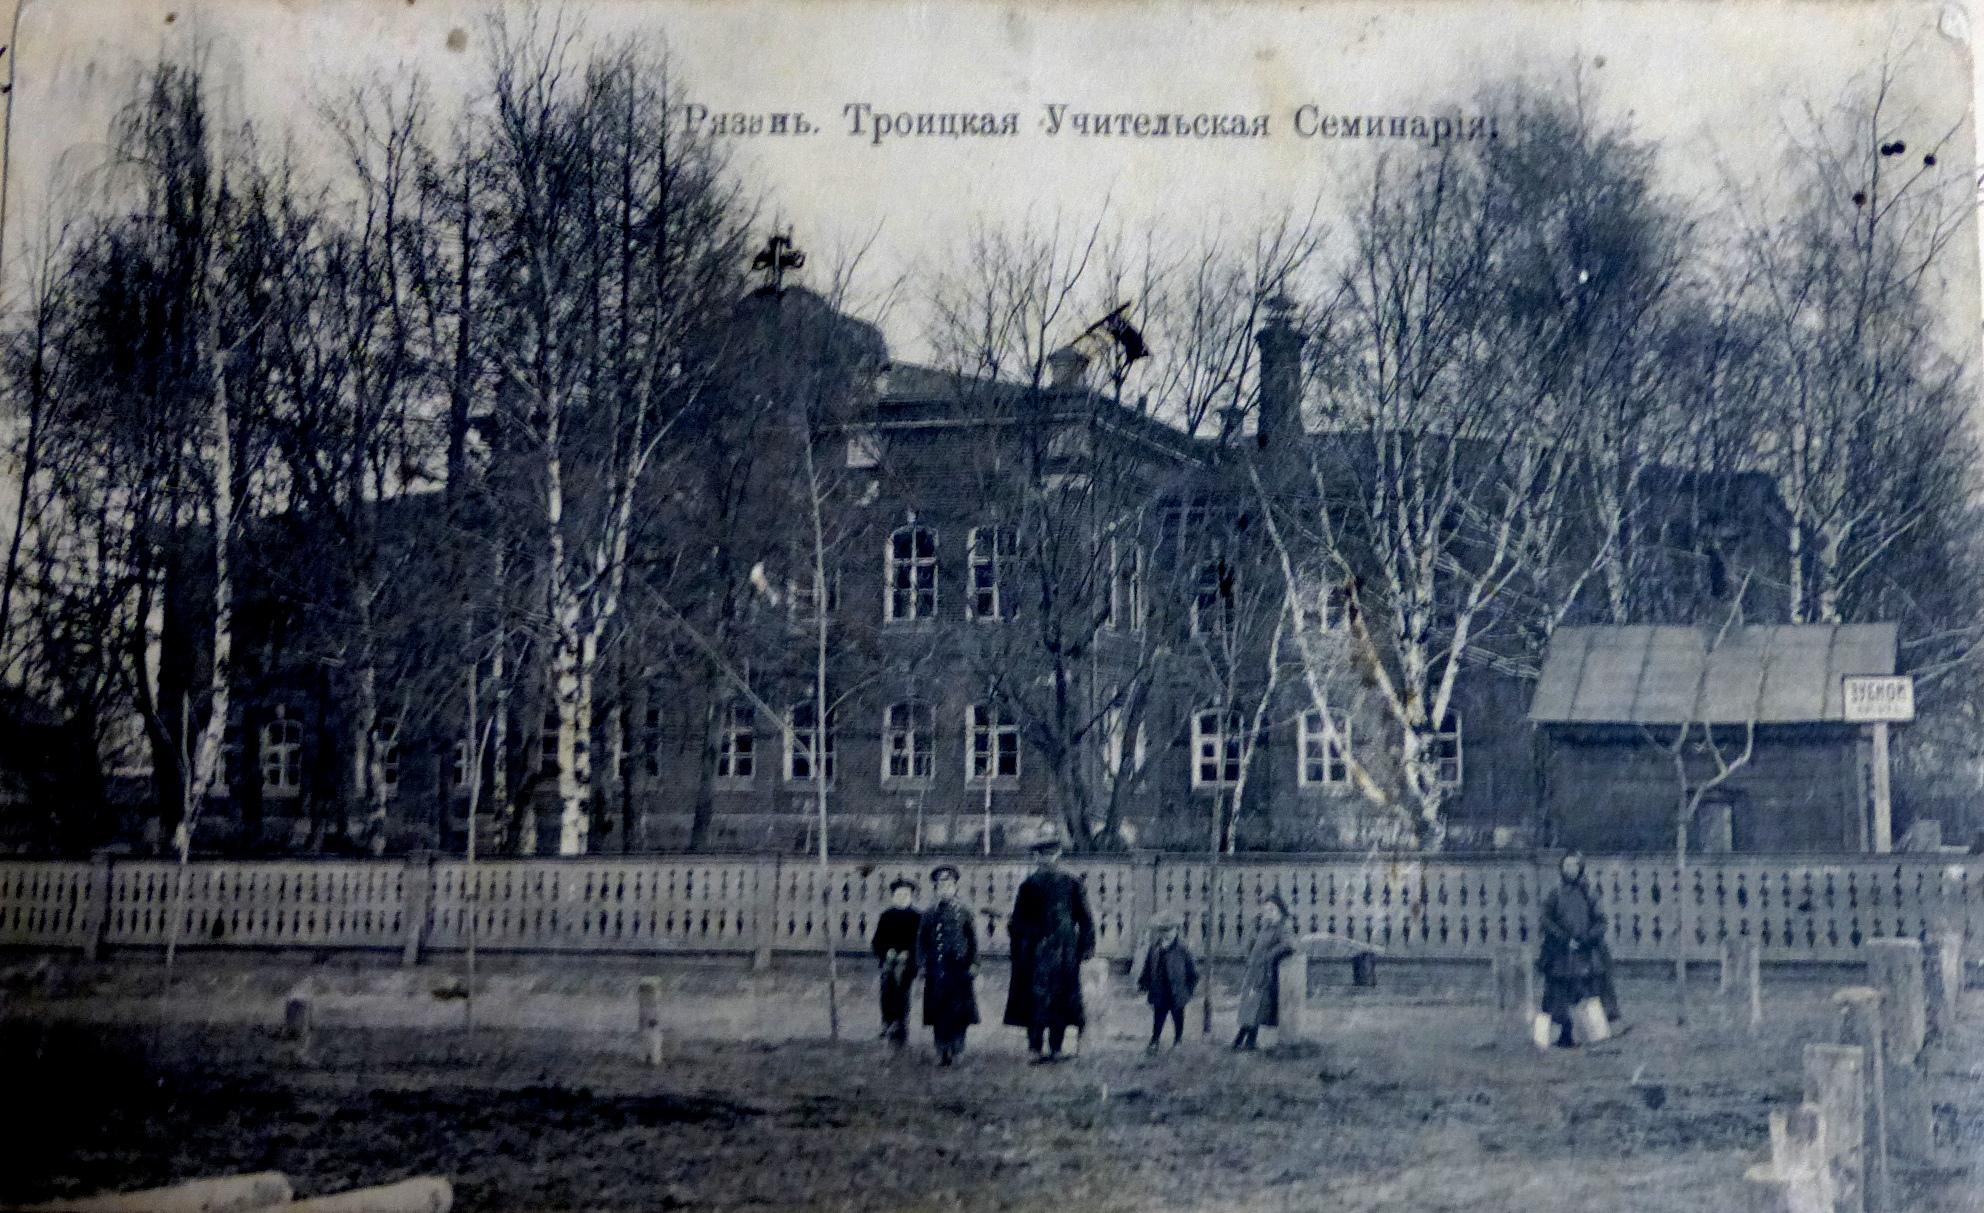 Троицкая учительская семинария